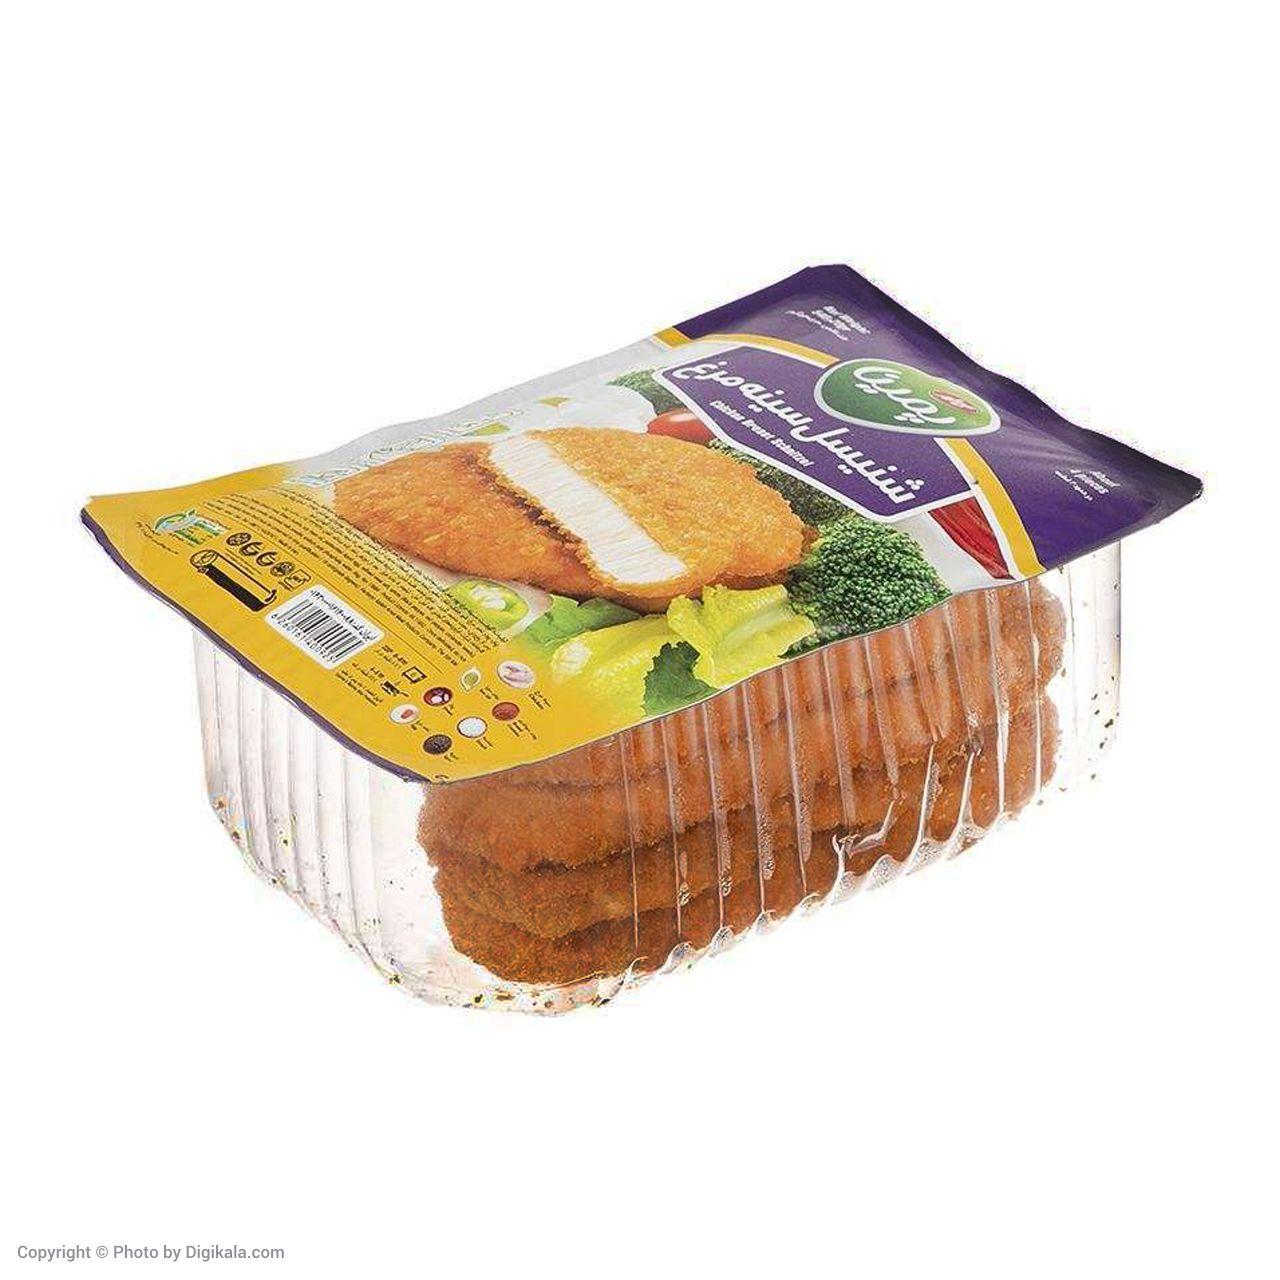 شنیسل سینه مرغ منجمد پمینا مقدار 540 گرم main 1 2